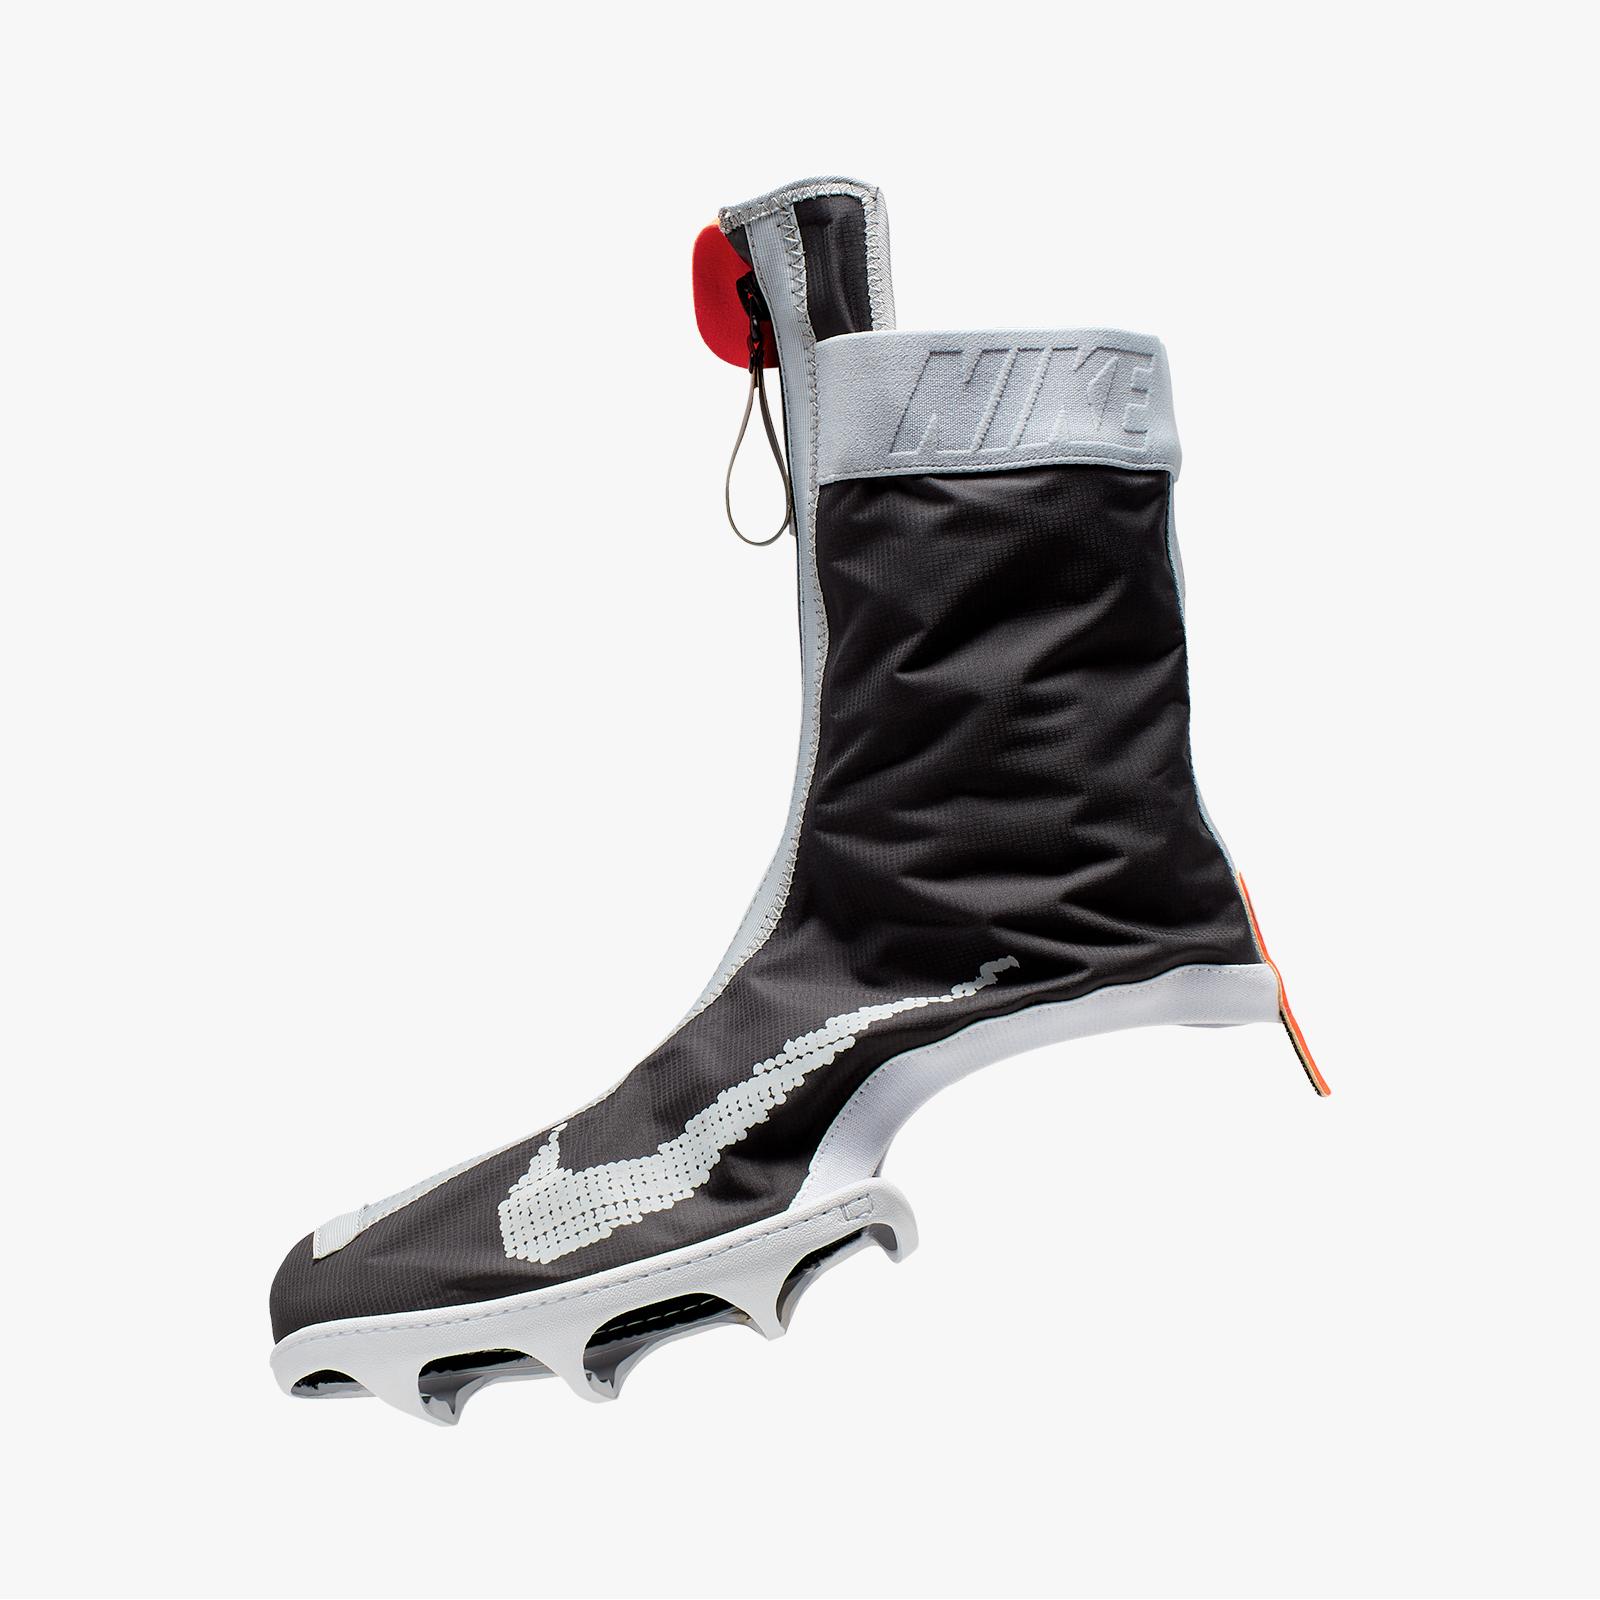 Nike Air Vapormax FK Gator ISPA Ar8557 002